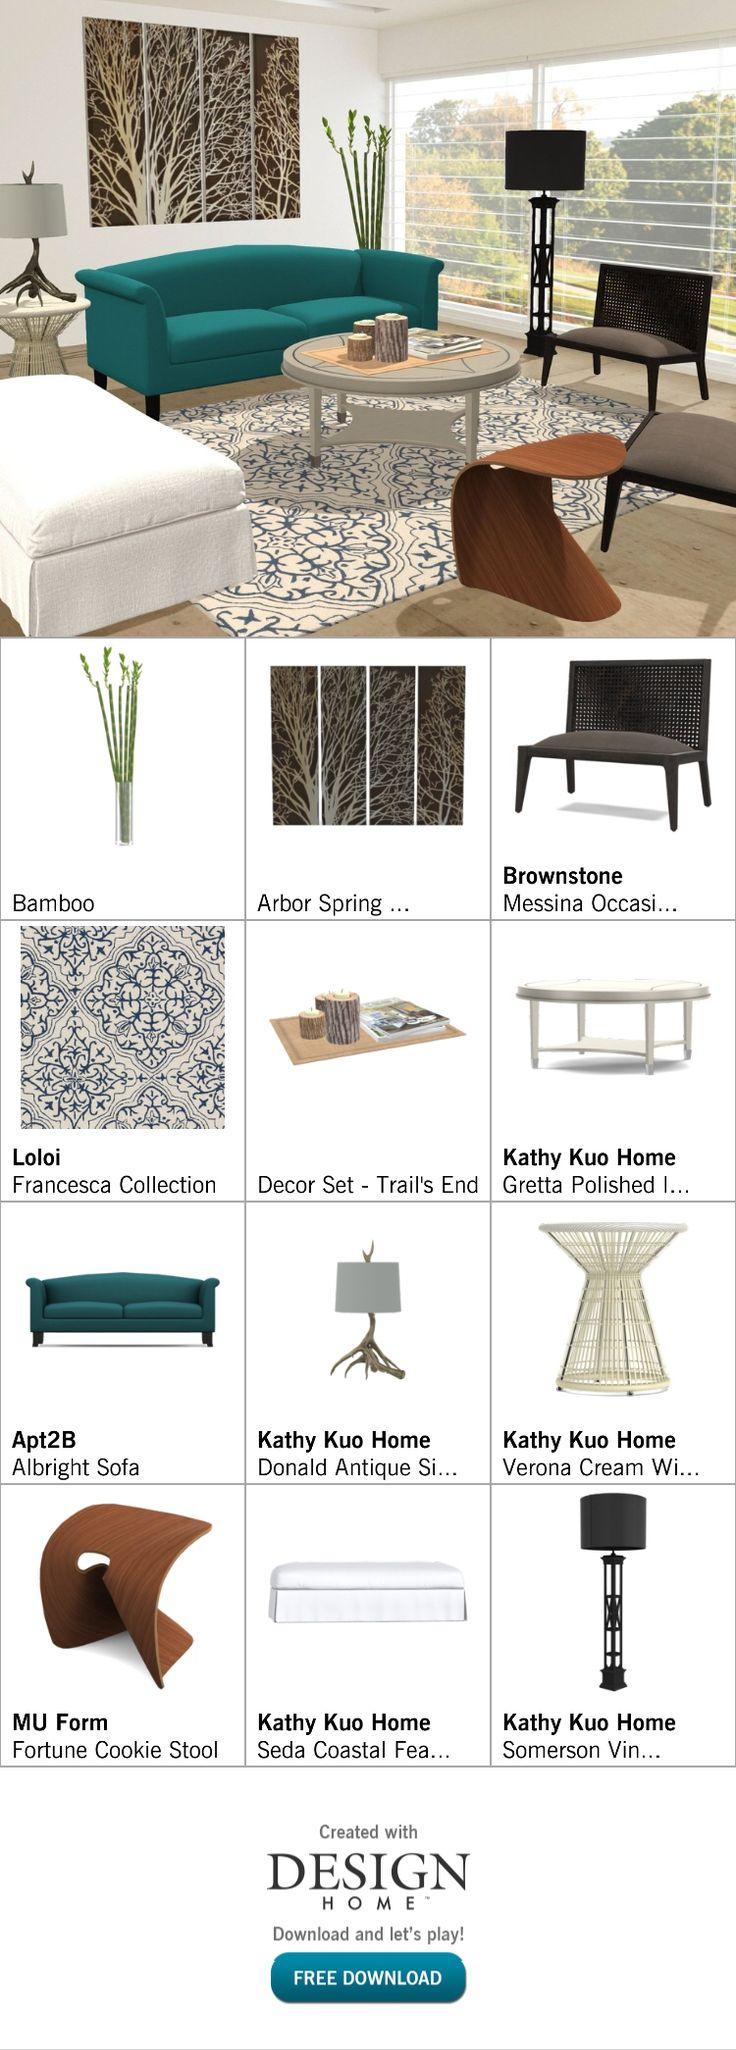 19 best design room images on Pinterest | Design room, Design homes ...